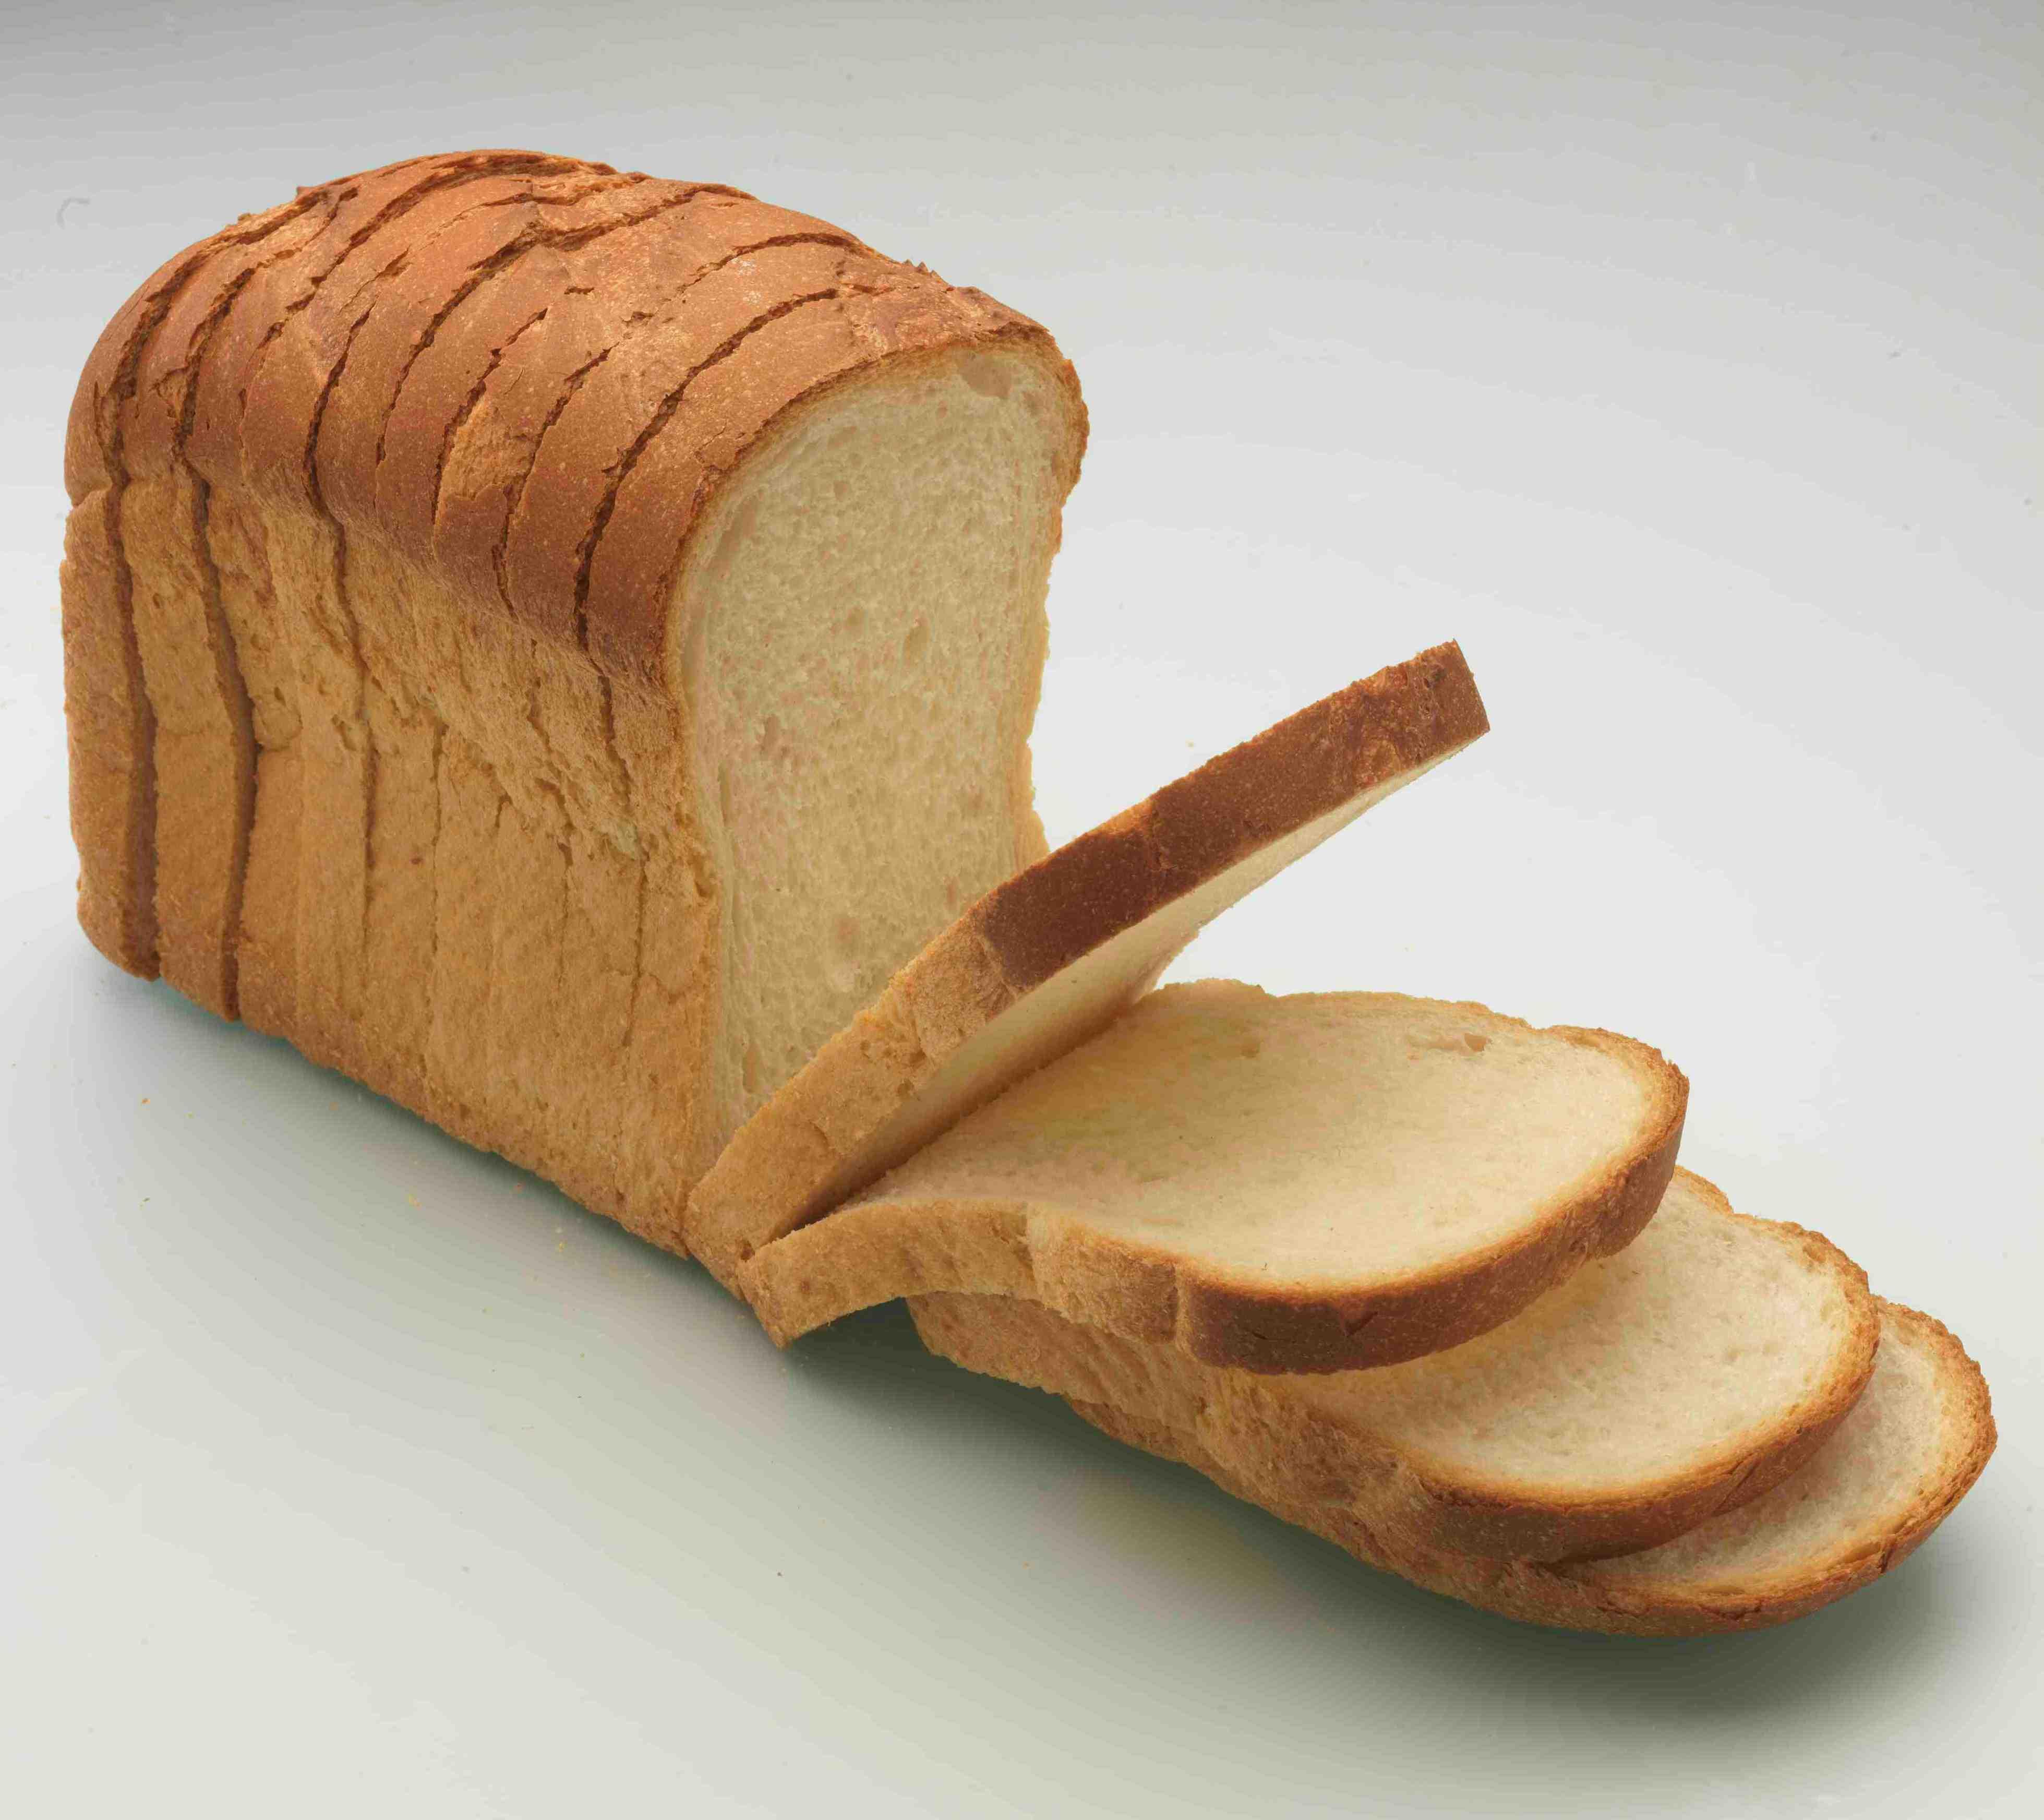 Loaf image